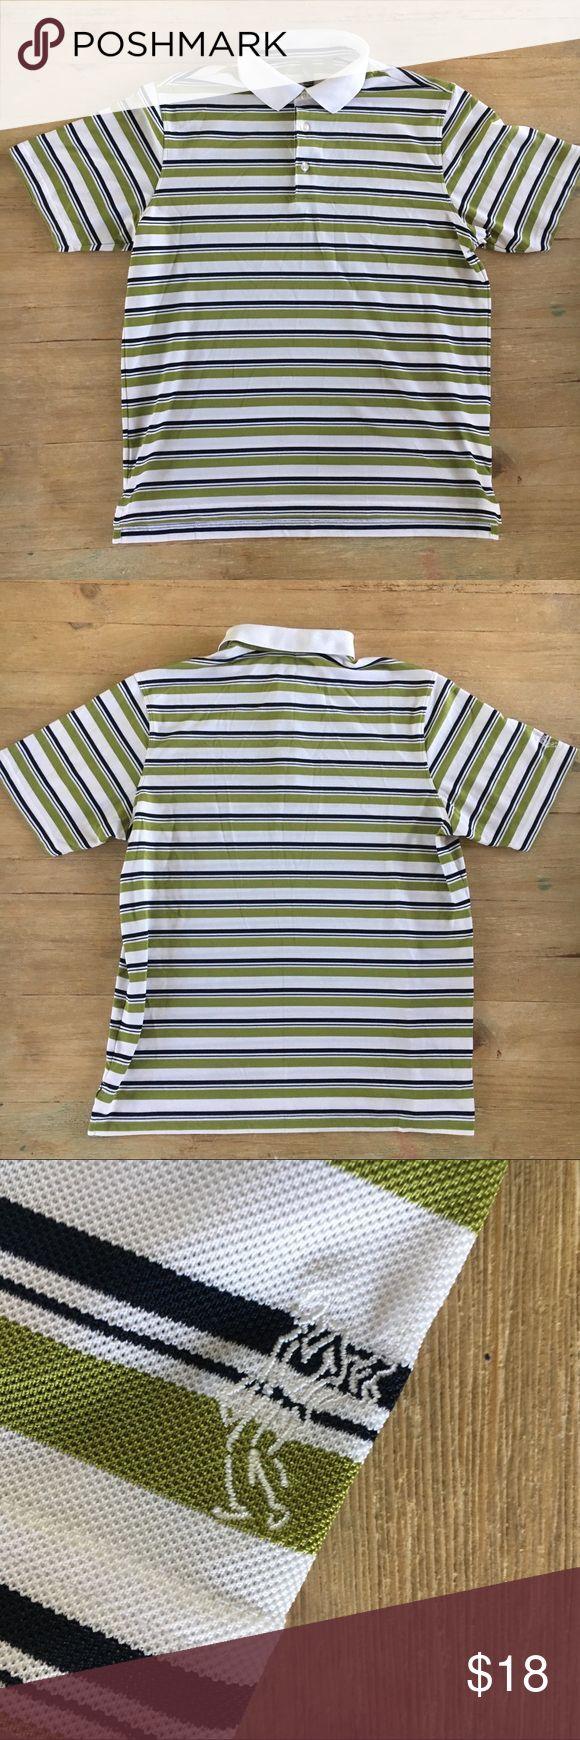 Ashworth Golf Shirt Men's Large Ashworth Golf Shirt Ashworth Shirts Polos